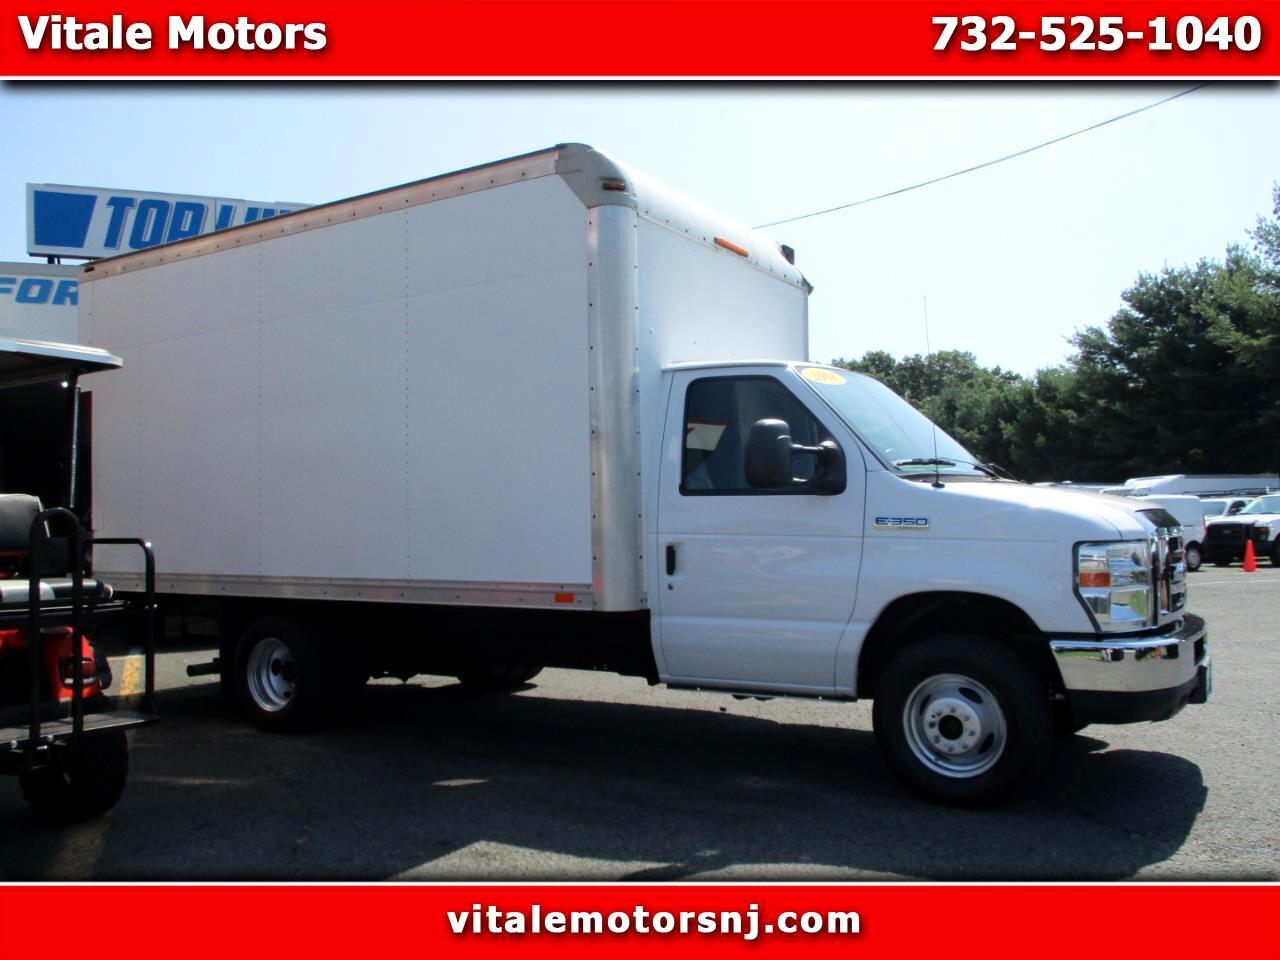 2008 Ford Econoline E-350 14 FOOT BOX TRUCK W/ LIFTGATE 11K MILES!!